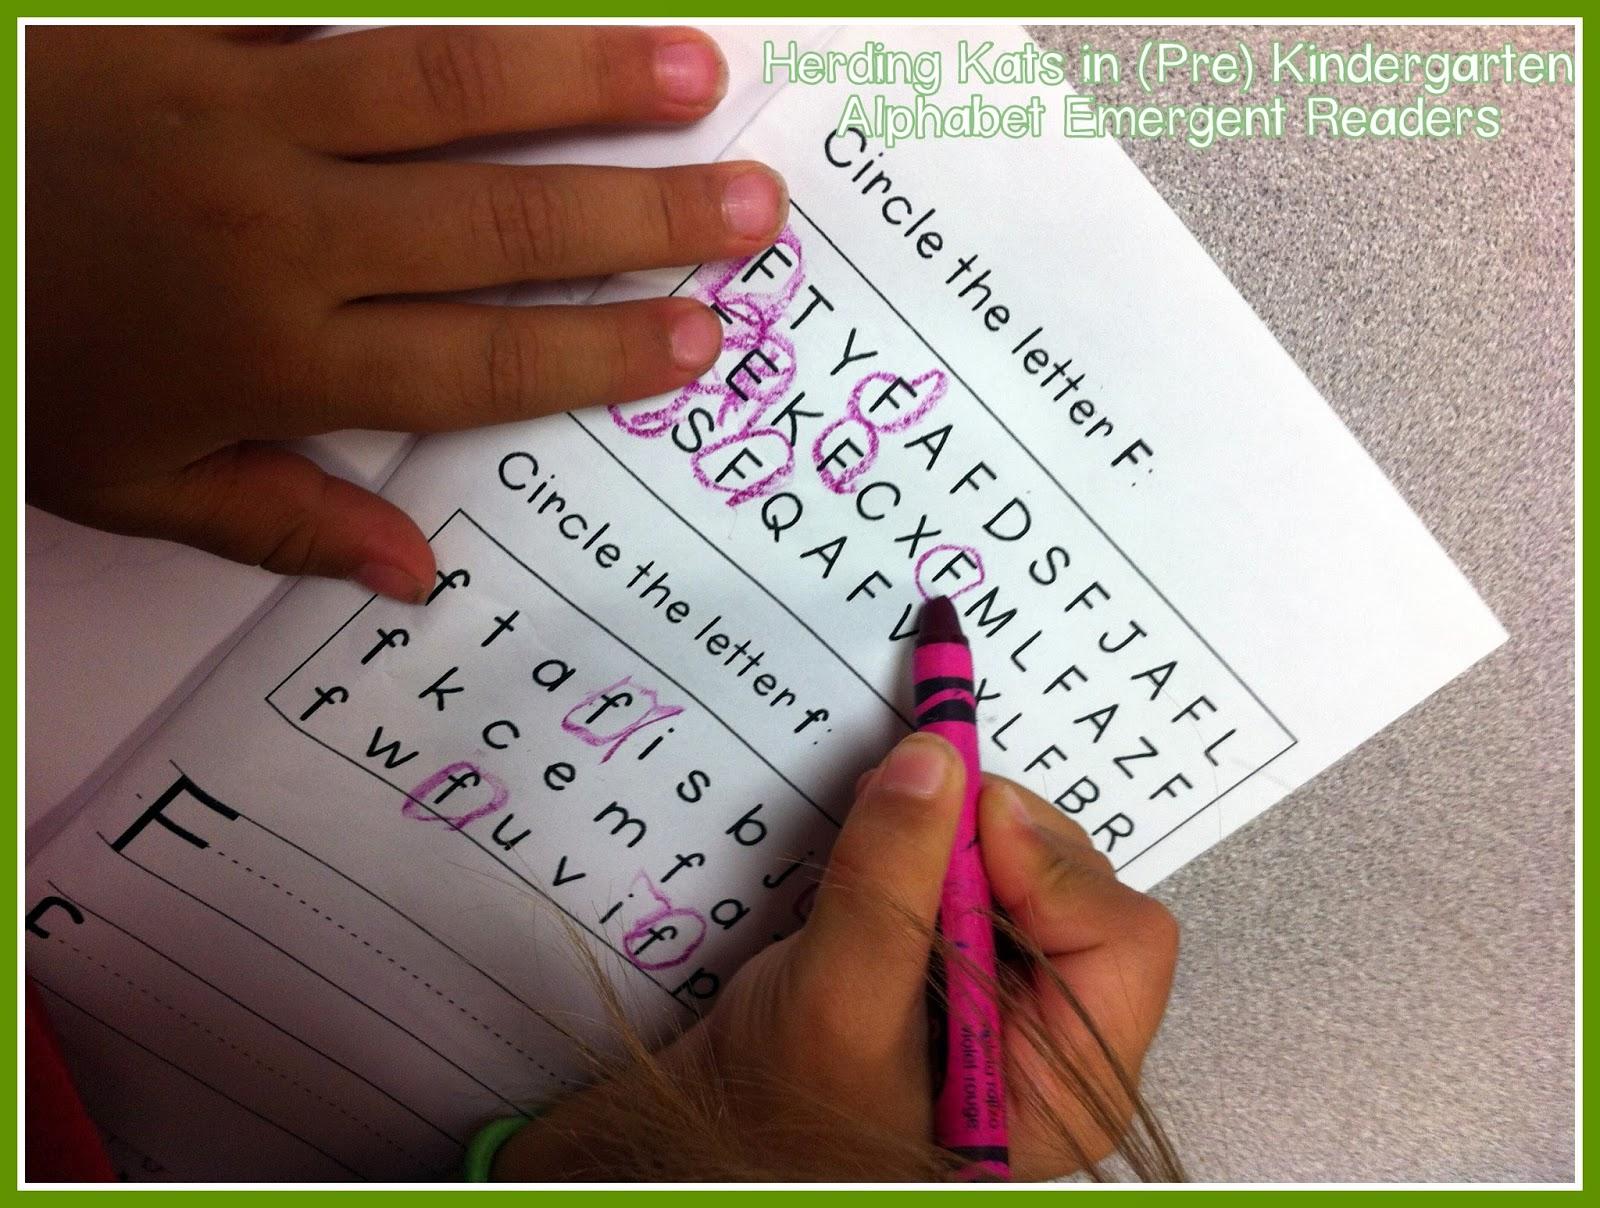 https://www.teacherspayteachers.com/Product/Alphabet-Emergent-Readers-1459026